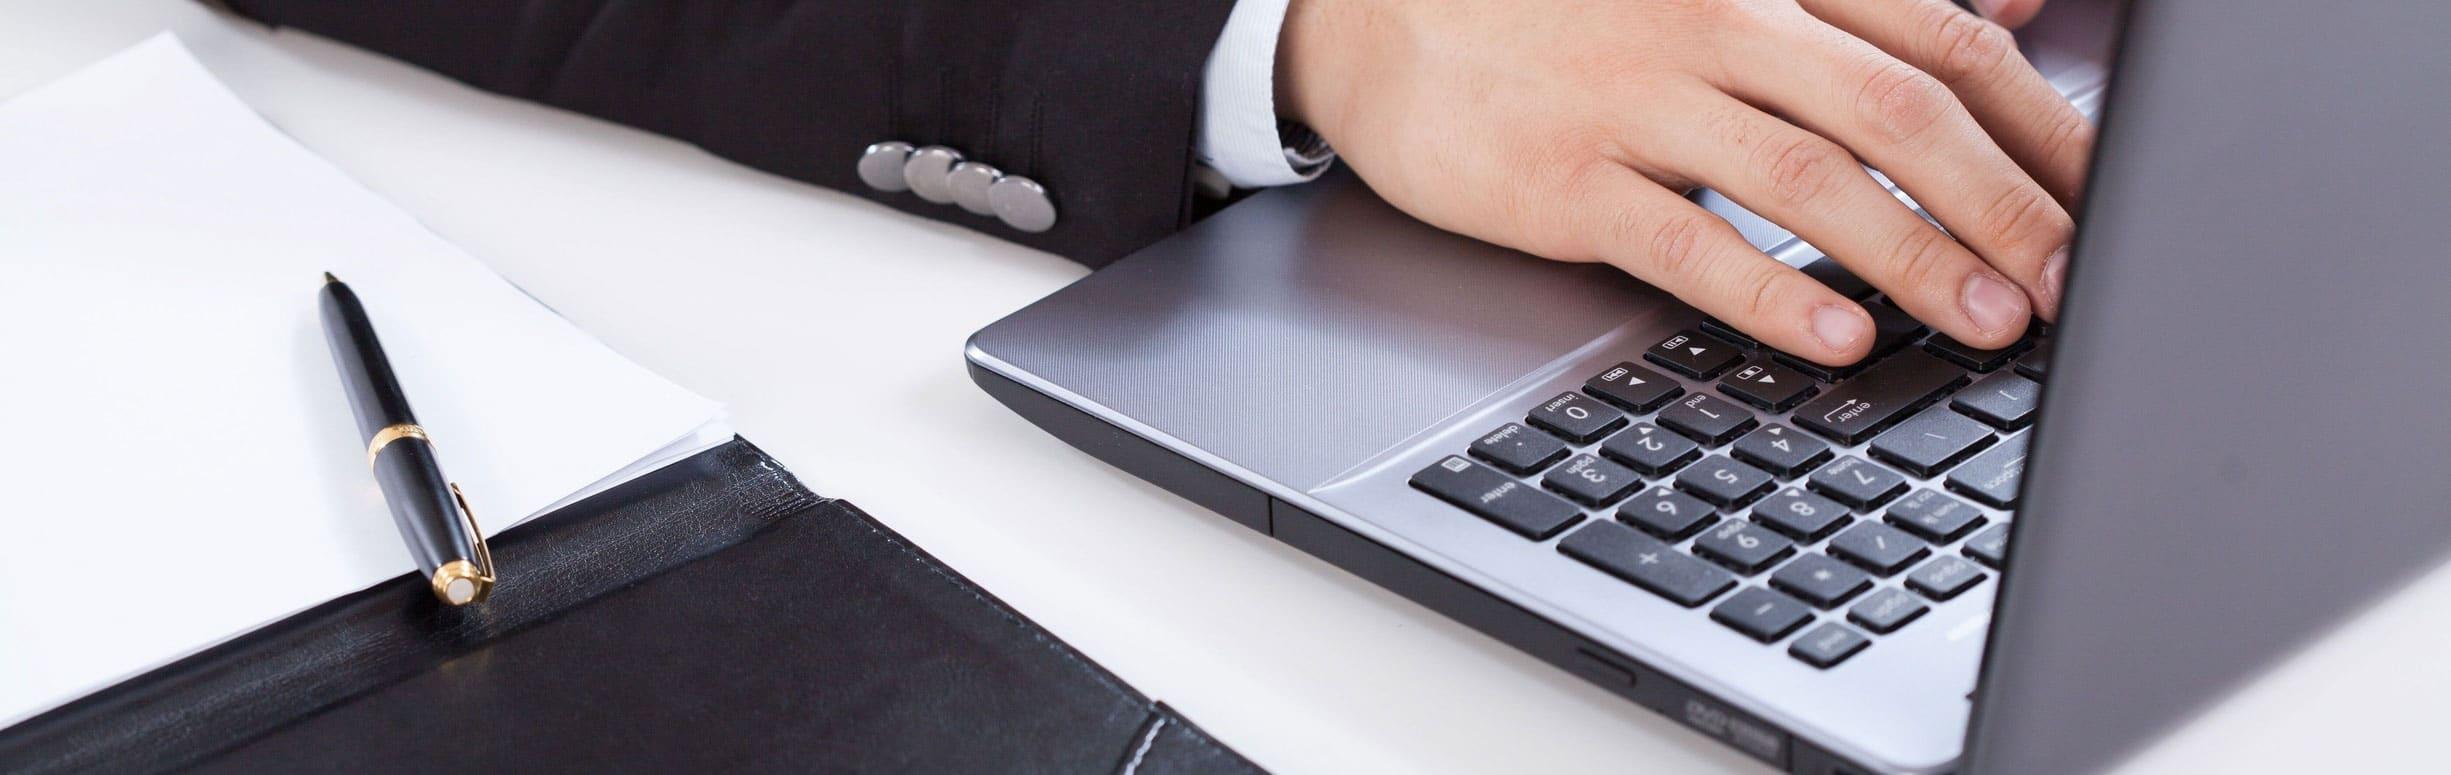 Formation Bureautique et informatique sur ordinateur portable